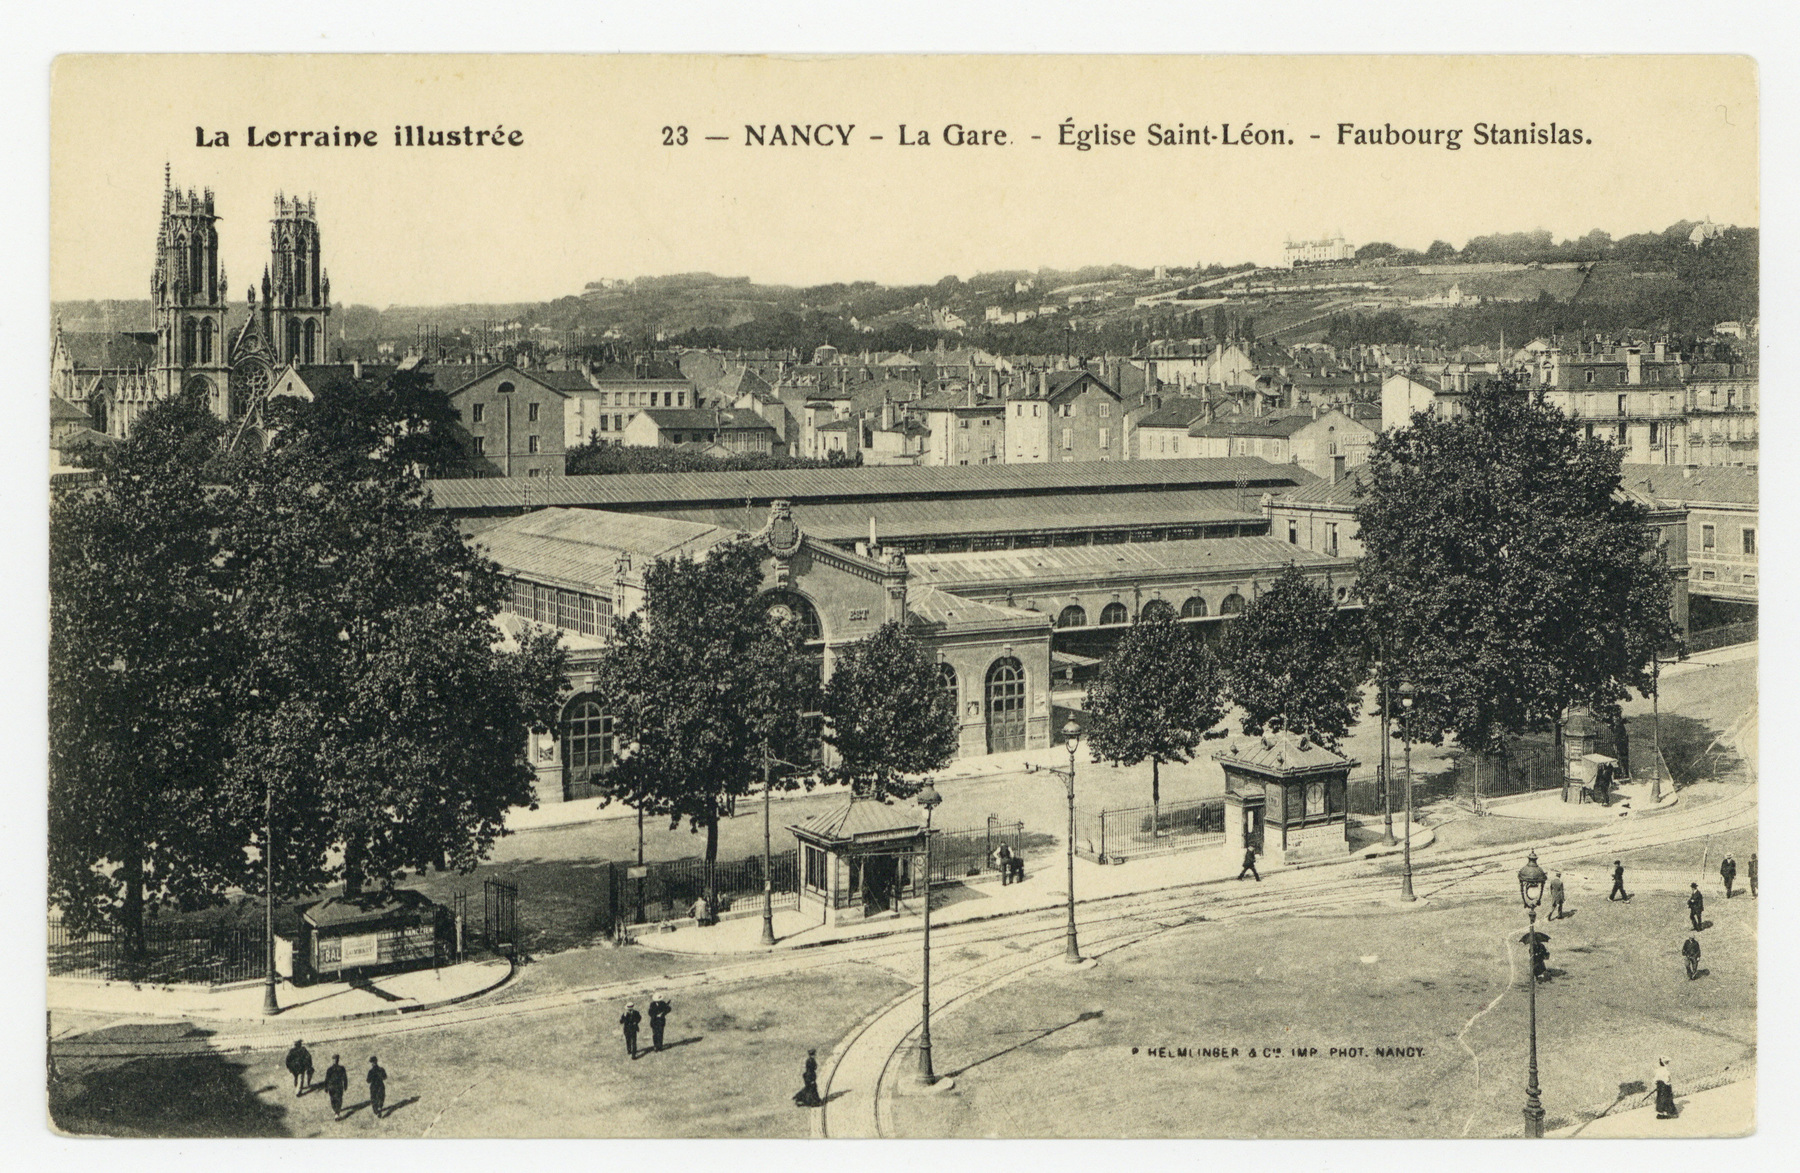 Contenu du Nancy. La Gare  Église Saint-Léon. Faubourg Stanislas. La Lorraine Illustrée.